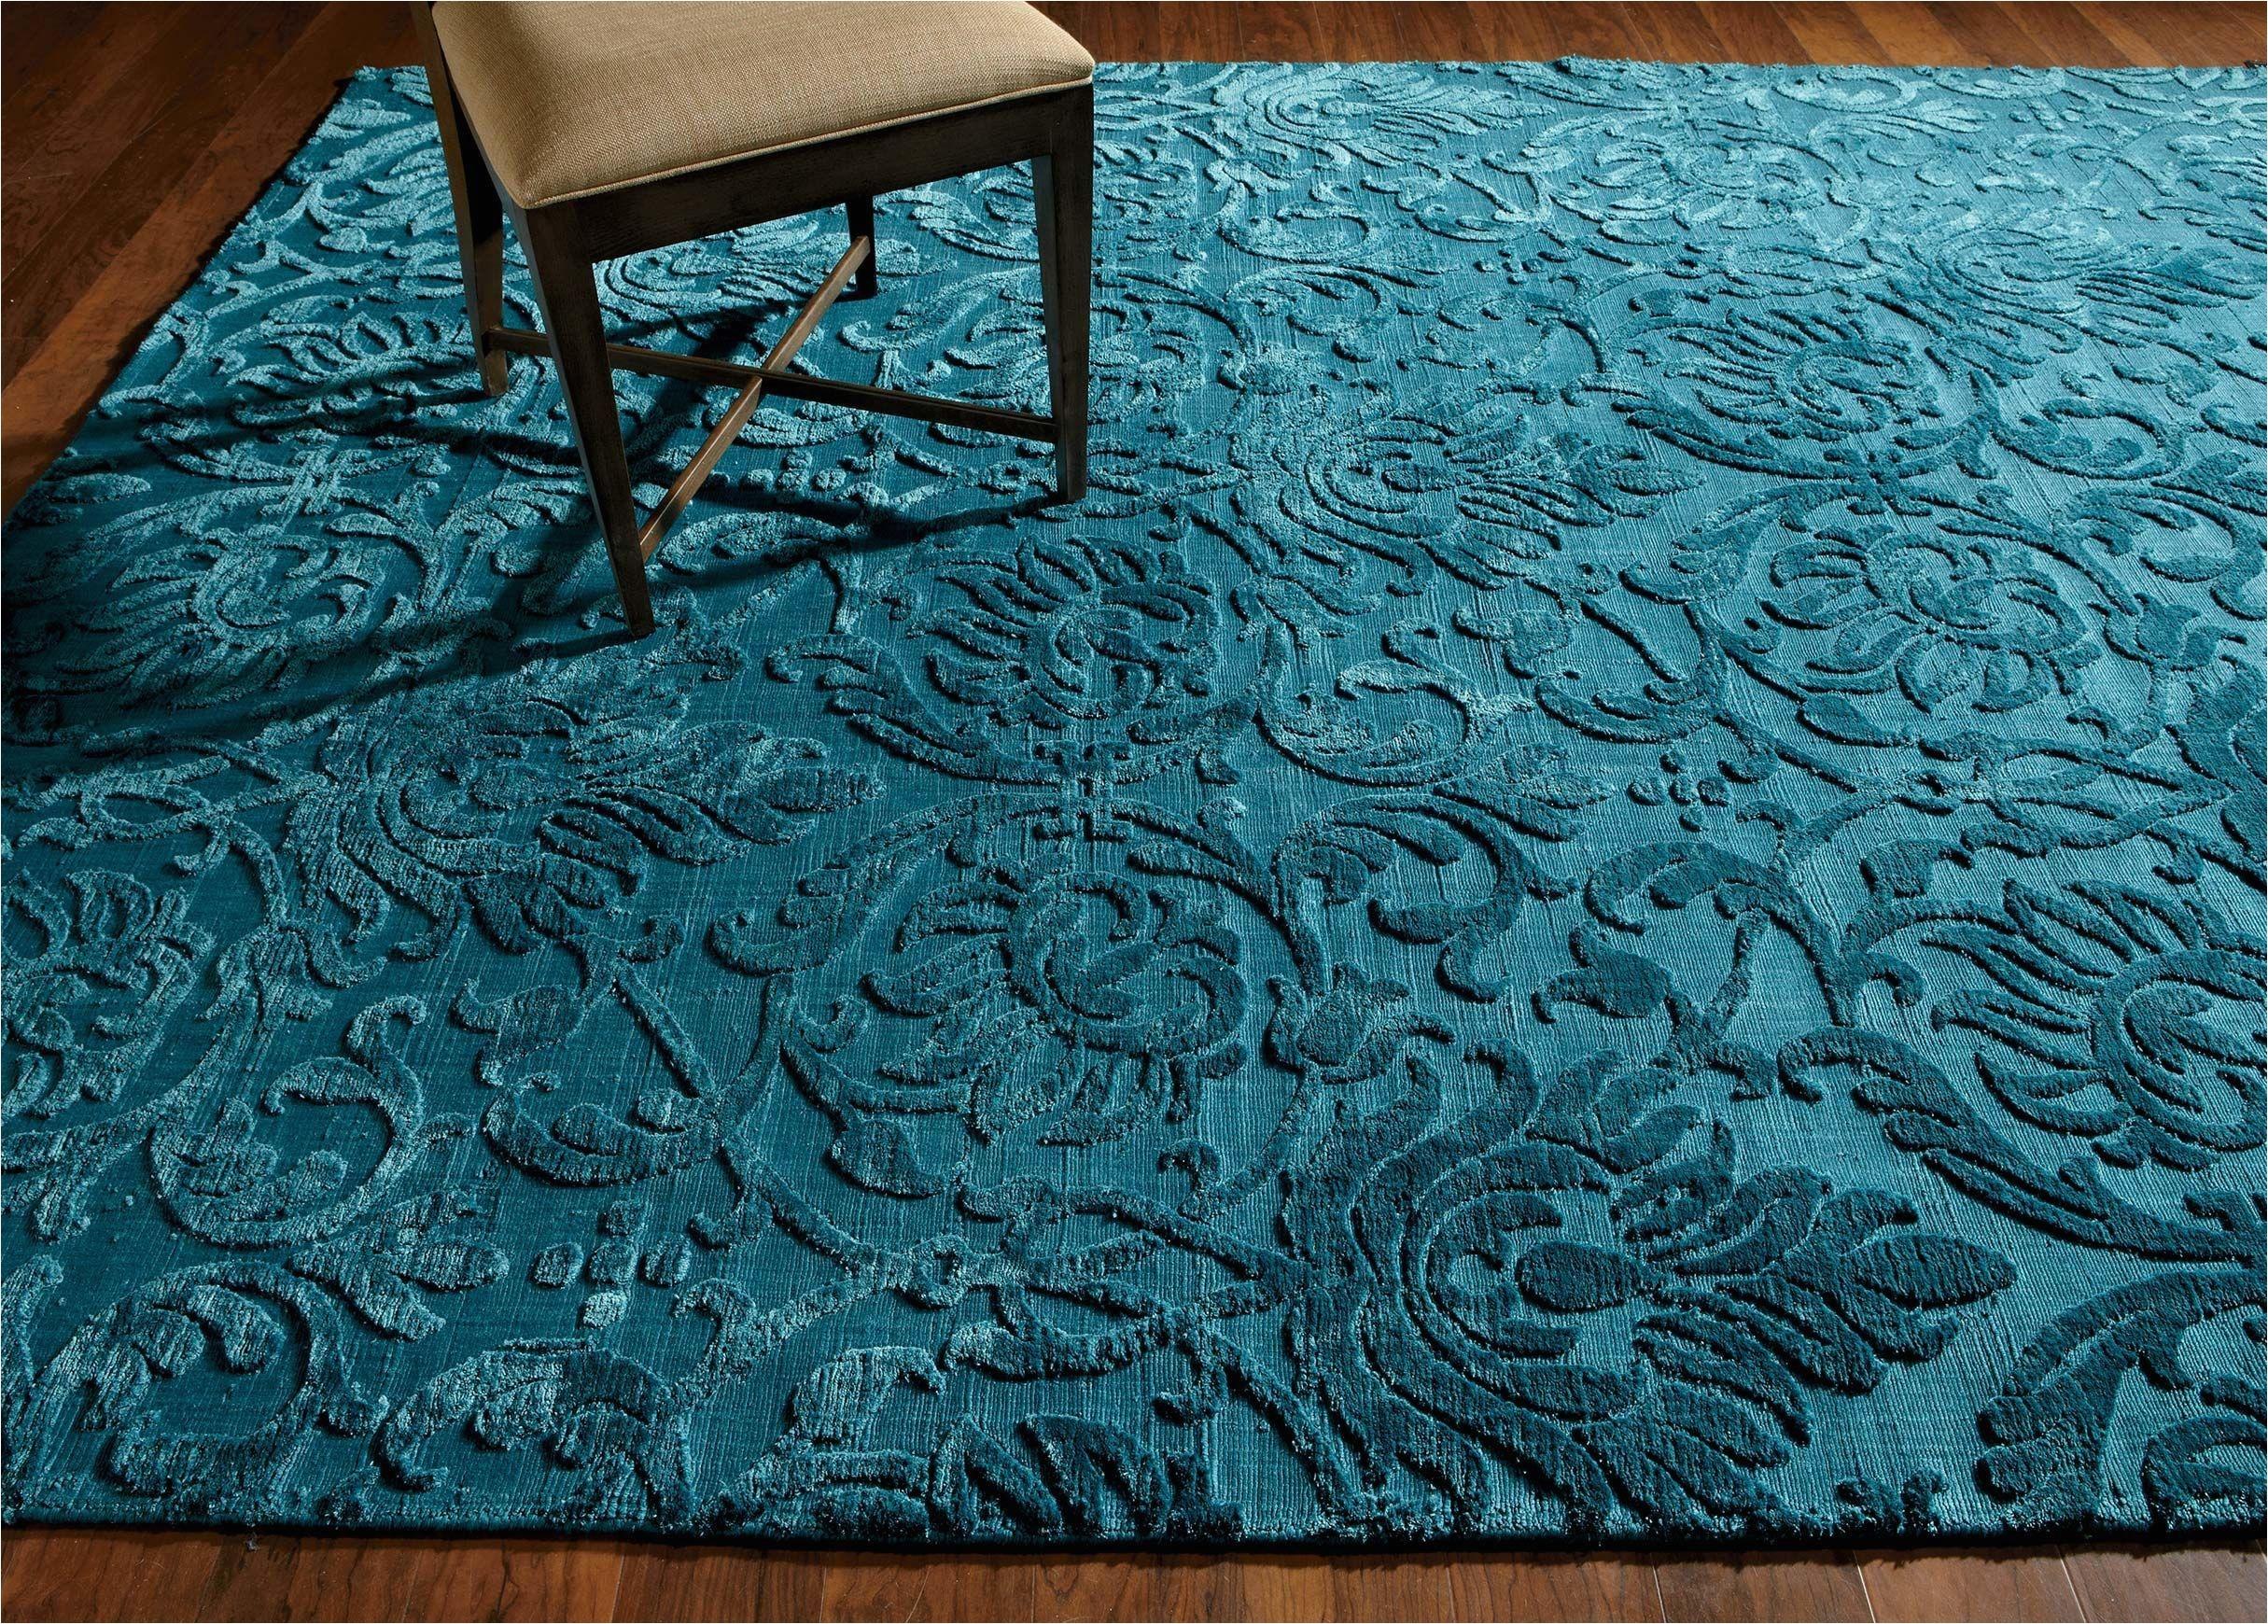 jacquard damask rug turquoise large gray